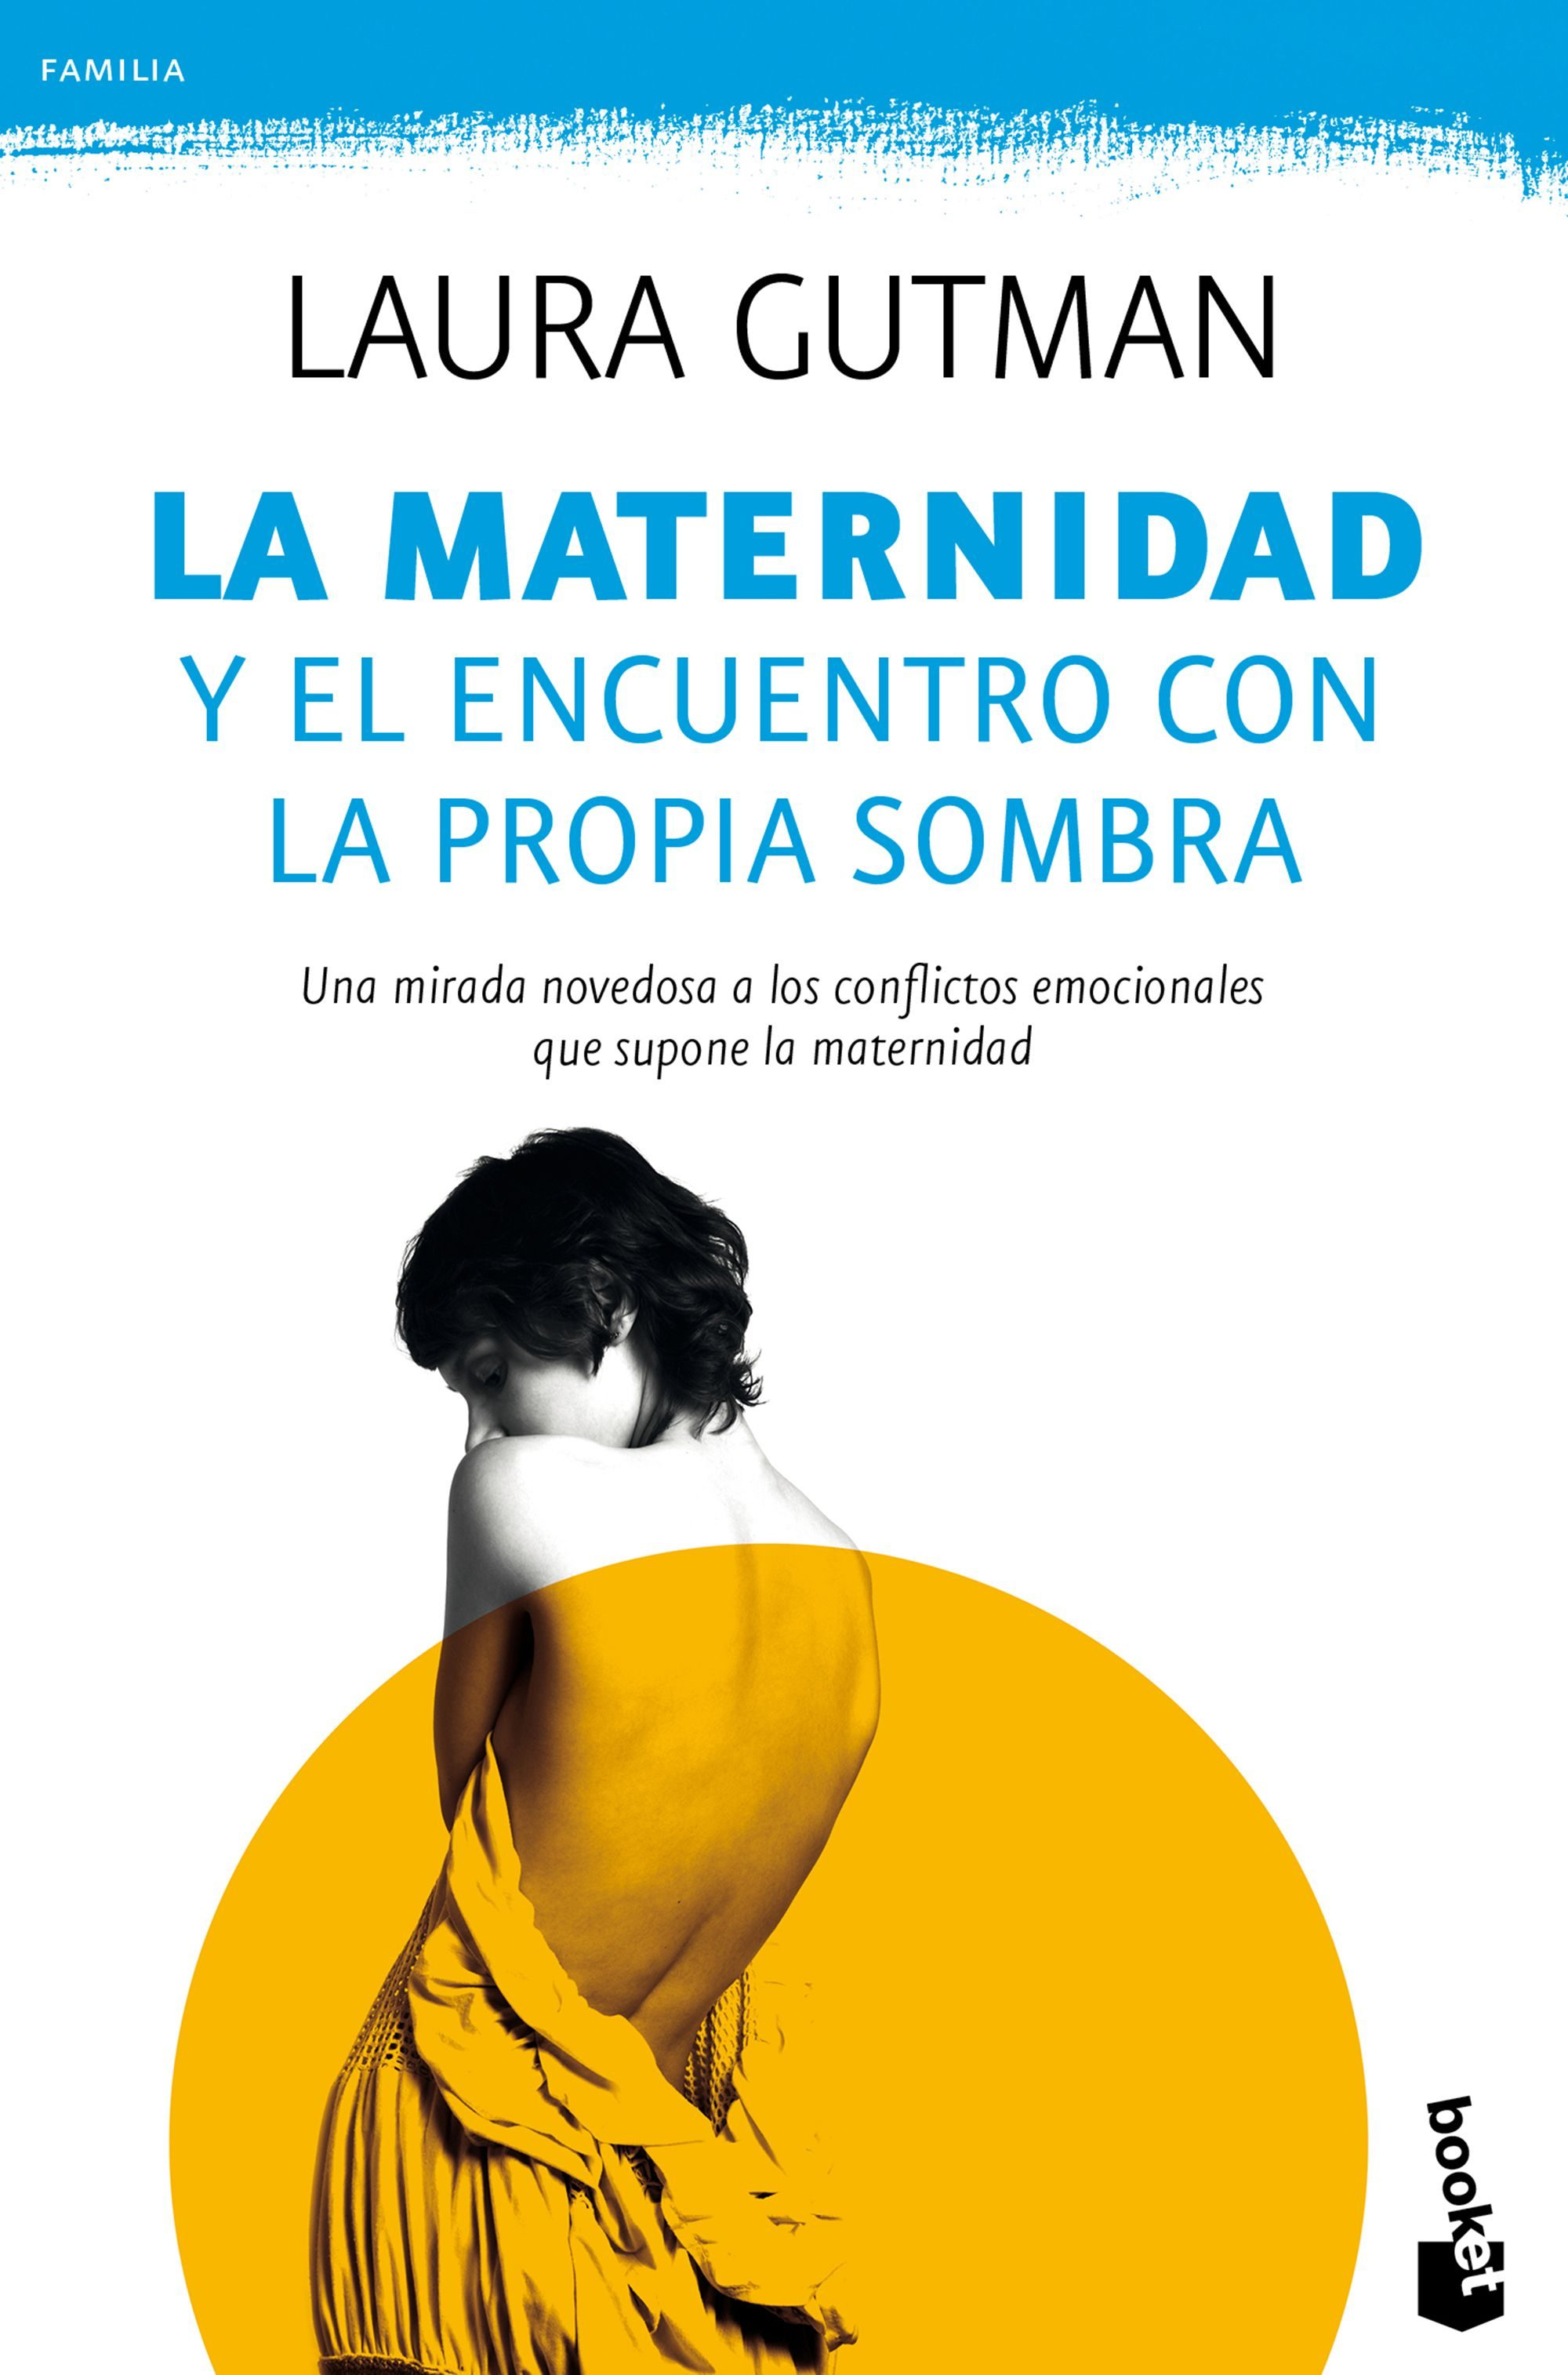 La Maternidad y el Encuentro con la Propia Sombra - Laura Gutman - Booket